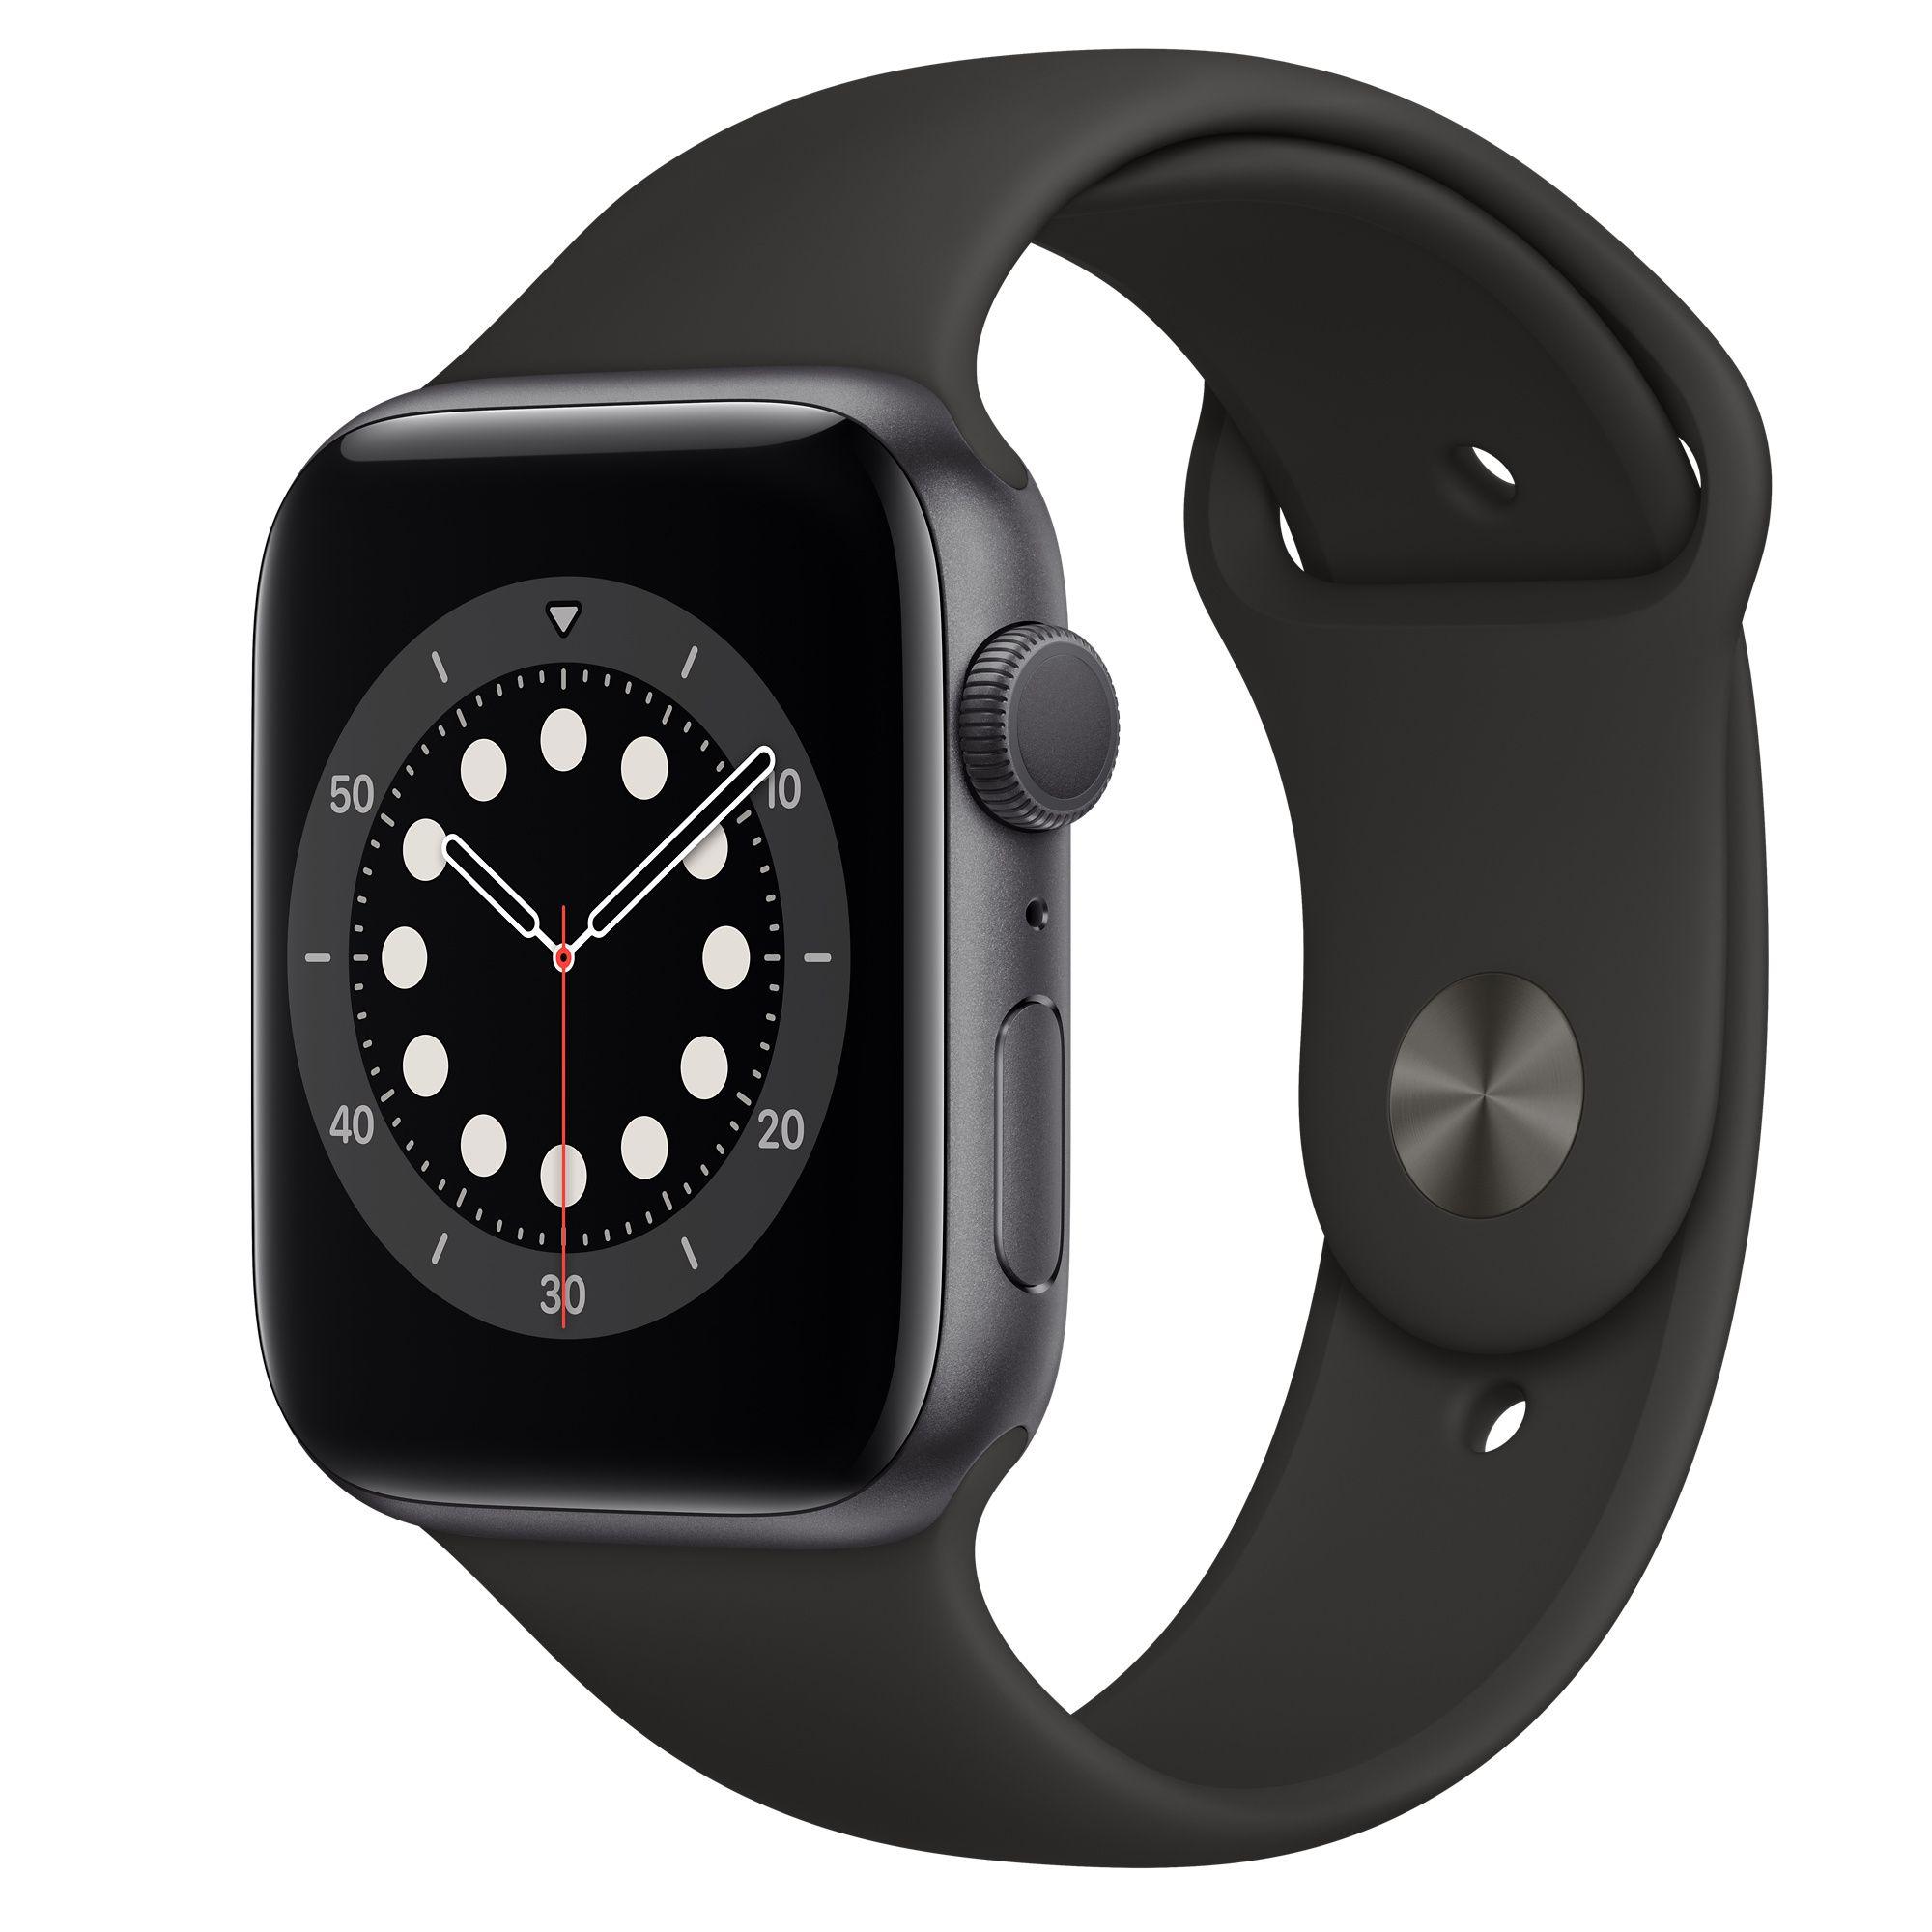 Montre connectée Apple Watch Series 6 (GPS) - 44 mm (Frontaliers Suisse)